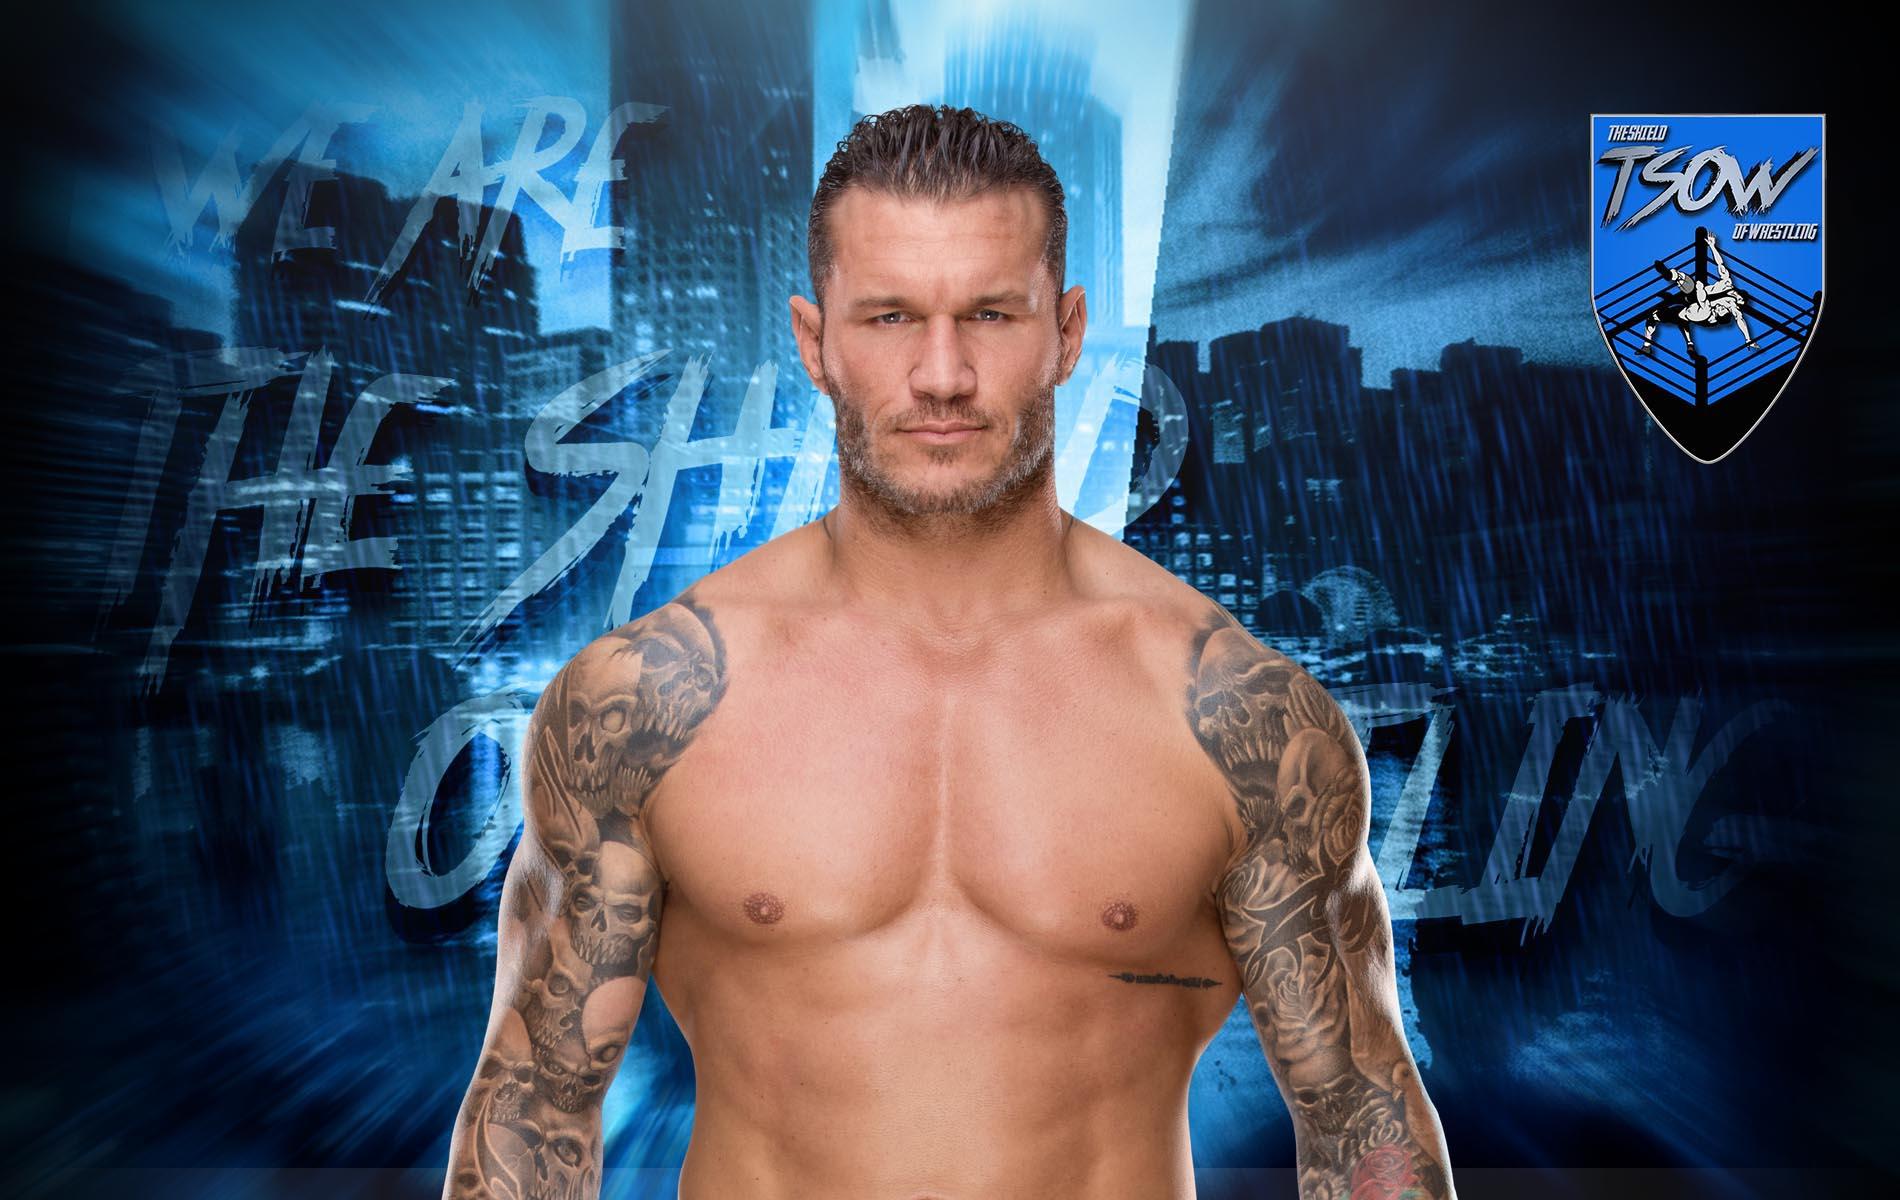 Randy Orton giura fedeltà a vita alla WWE